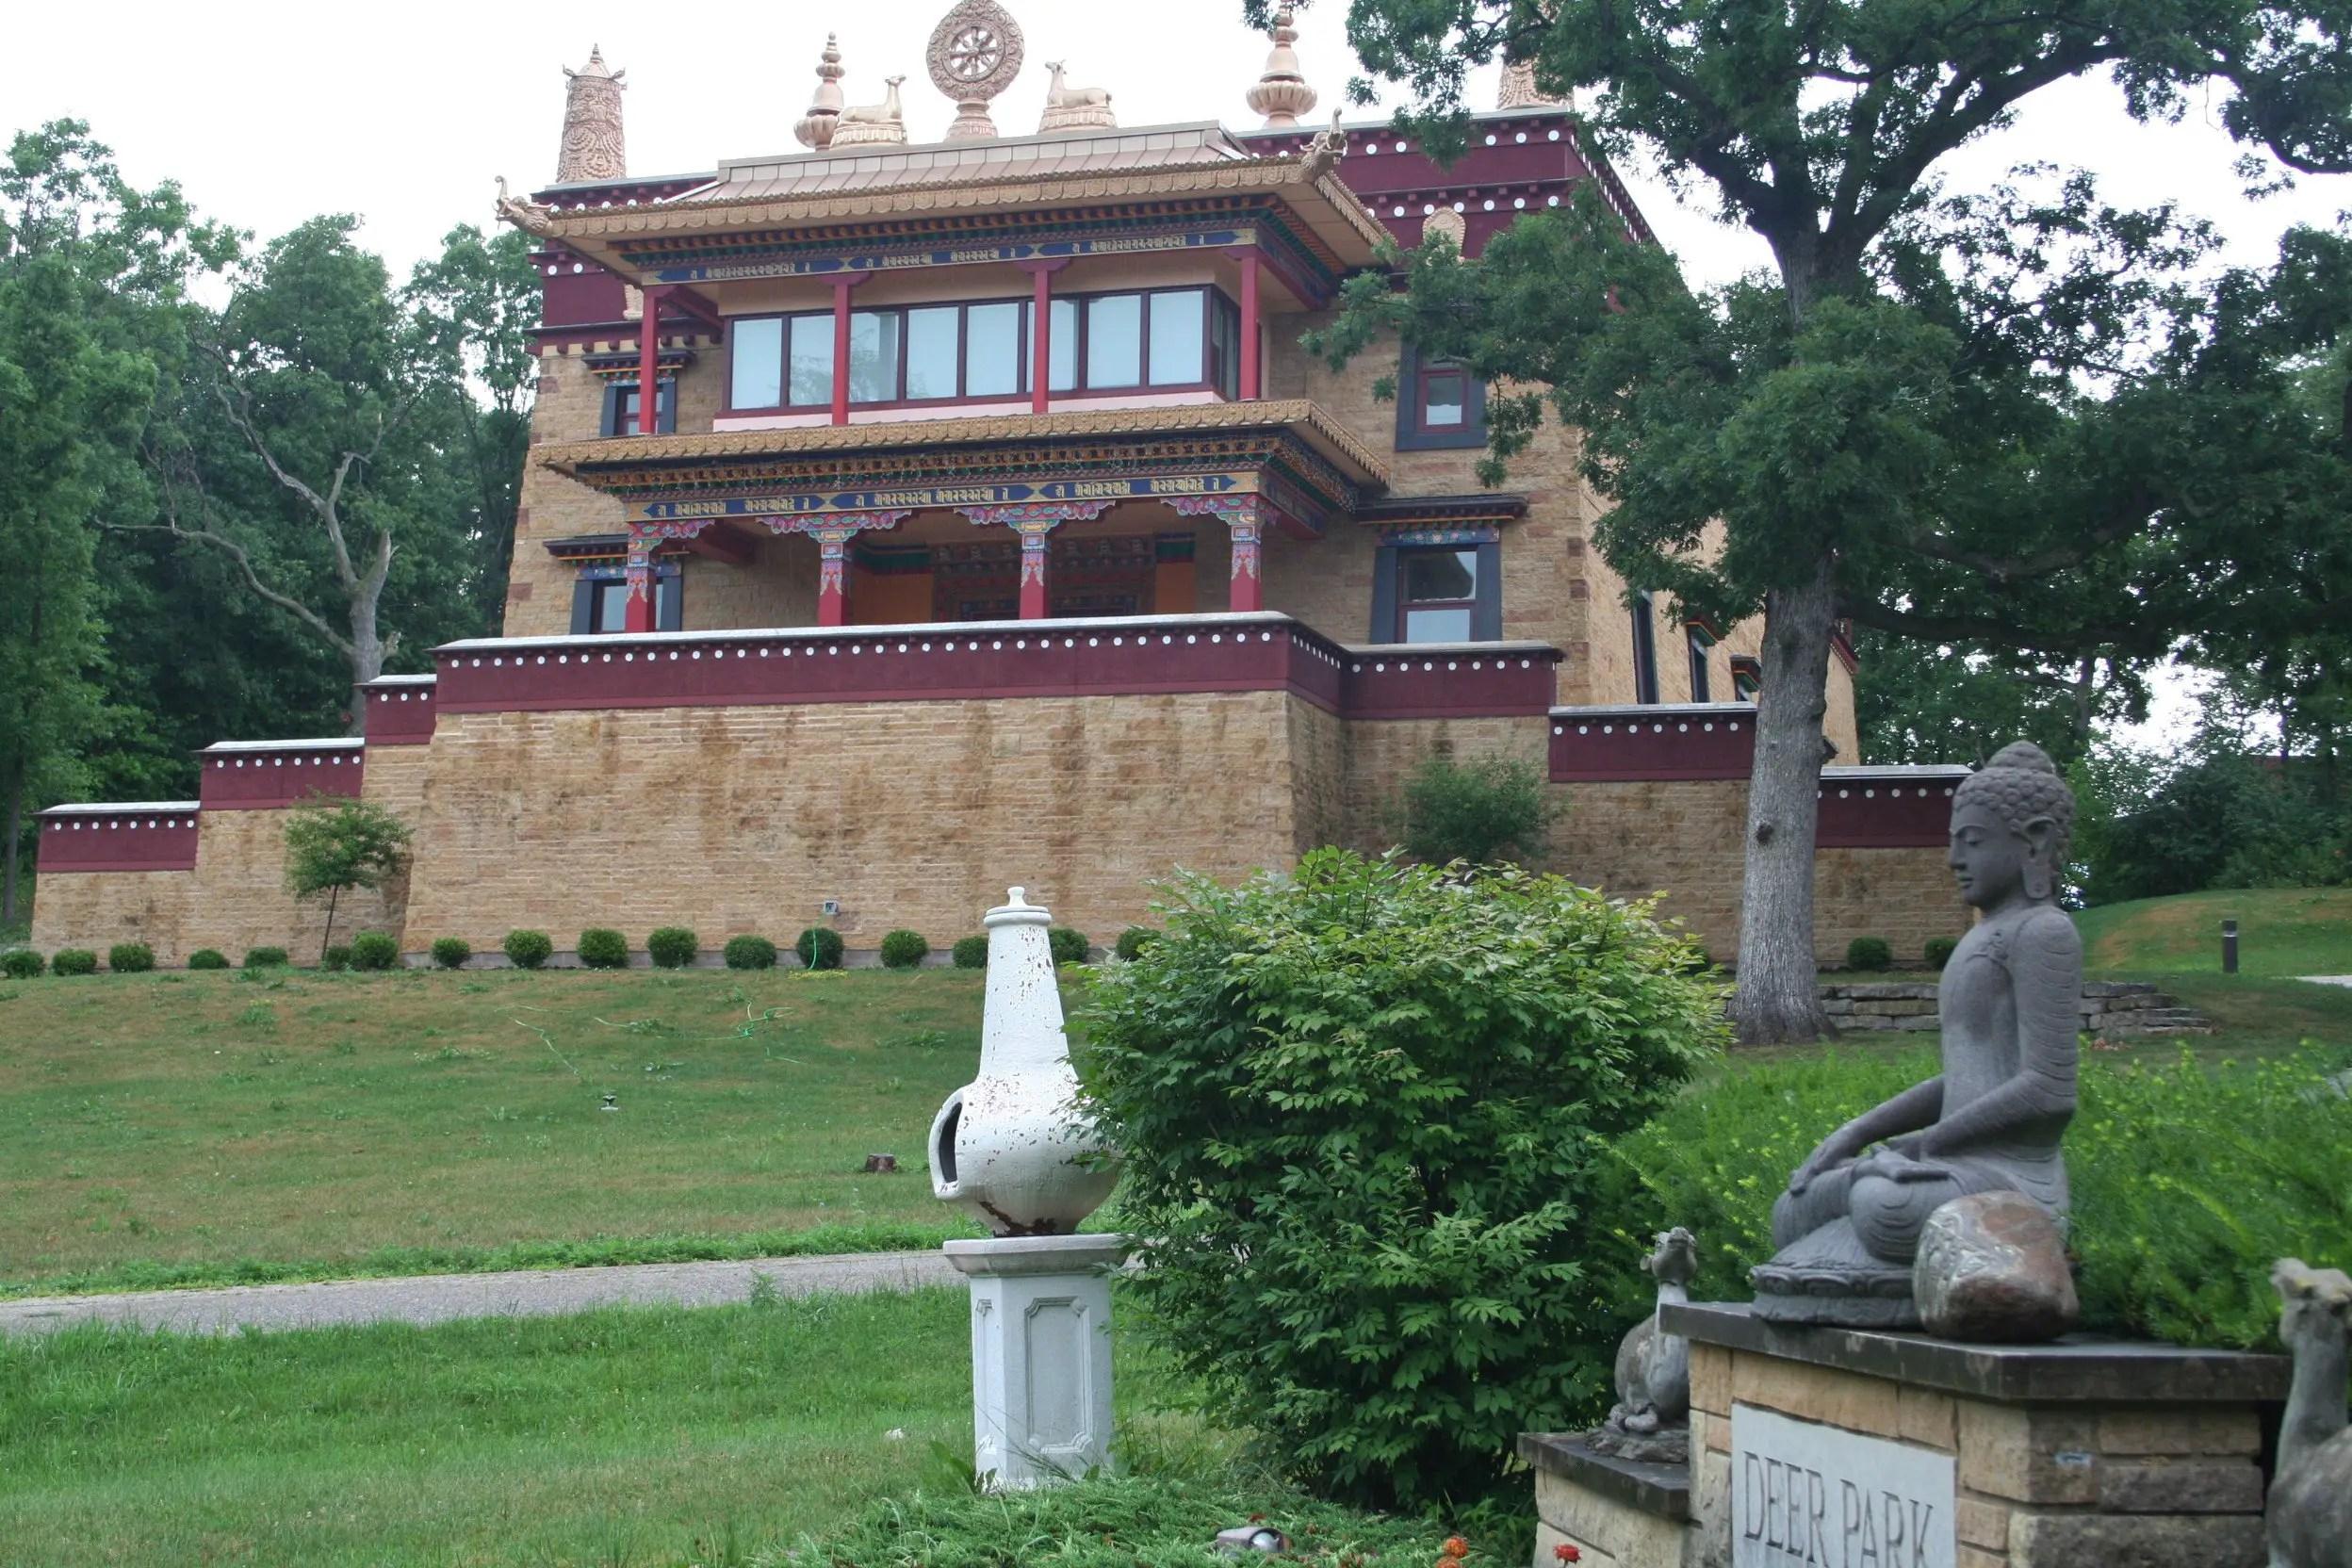 Image result for deer park buddhist center oregon wi